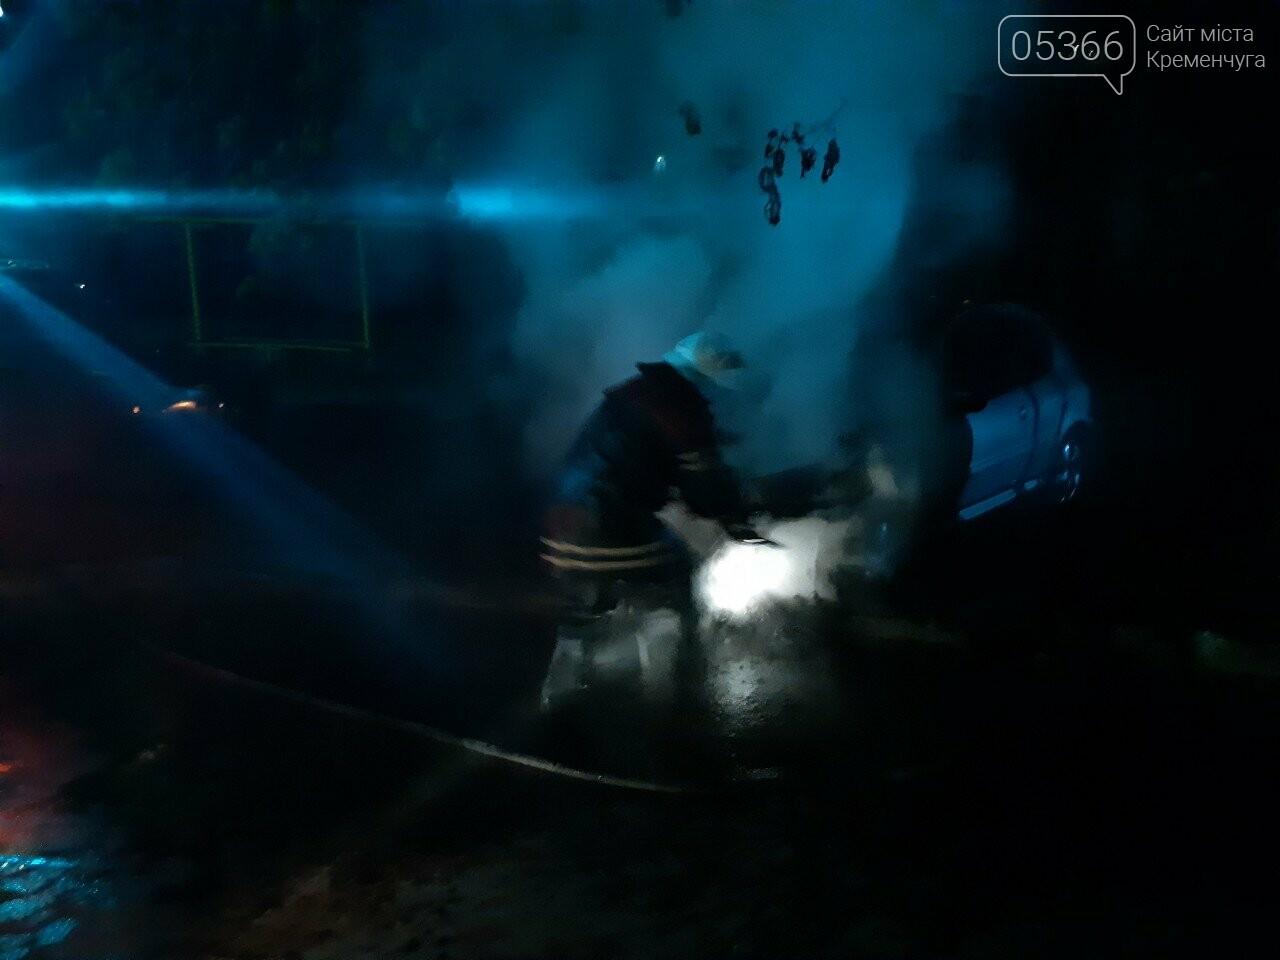 """У Кременчуці горів легковик """"Пежо"""": рятувальники гасили пожежу. Фото, фото-2"""